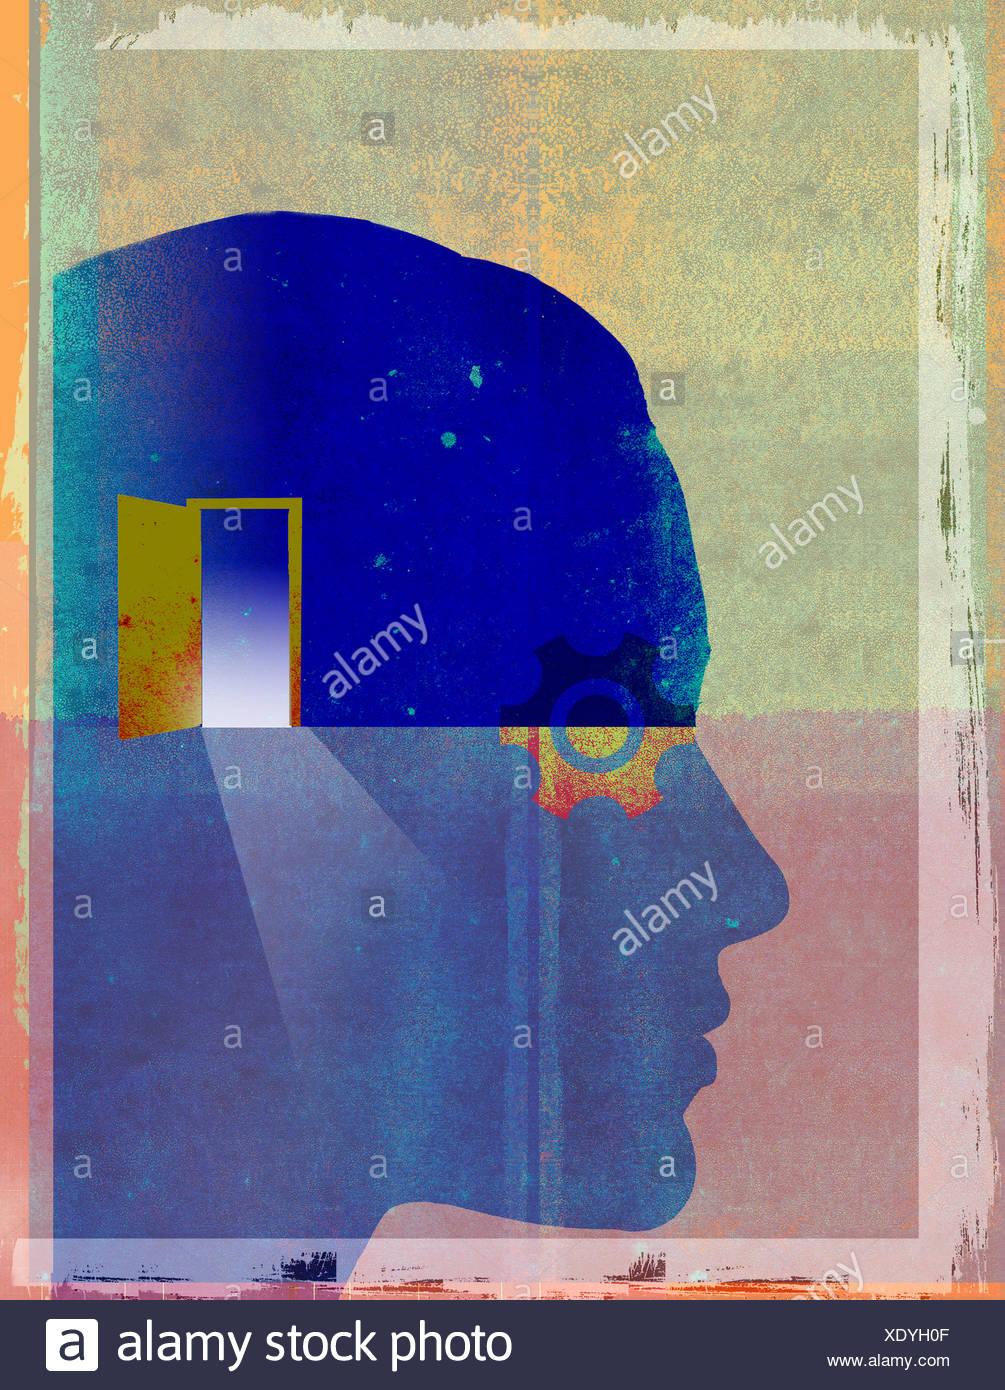 Offene Tür und Rädchen im Inneren Männerkopf Stockbild